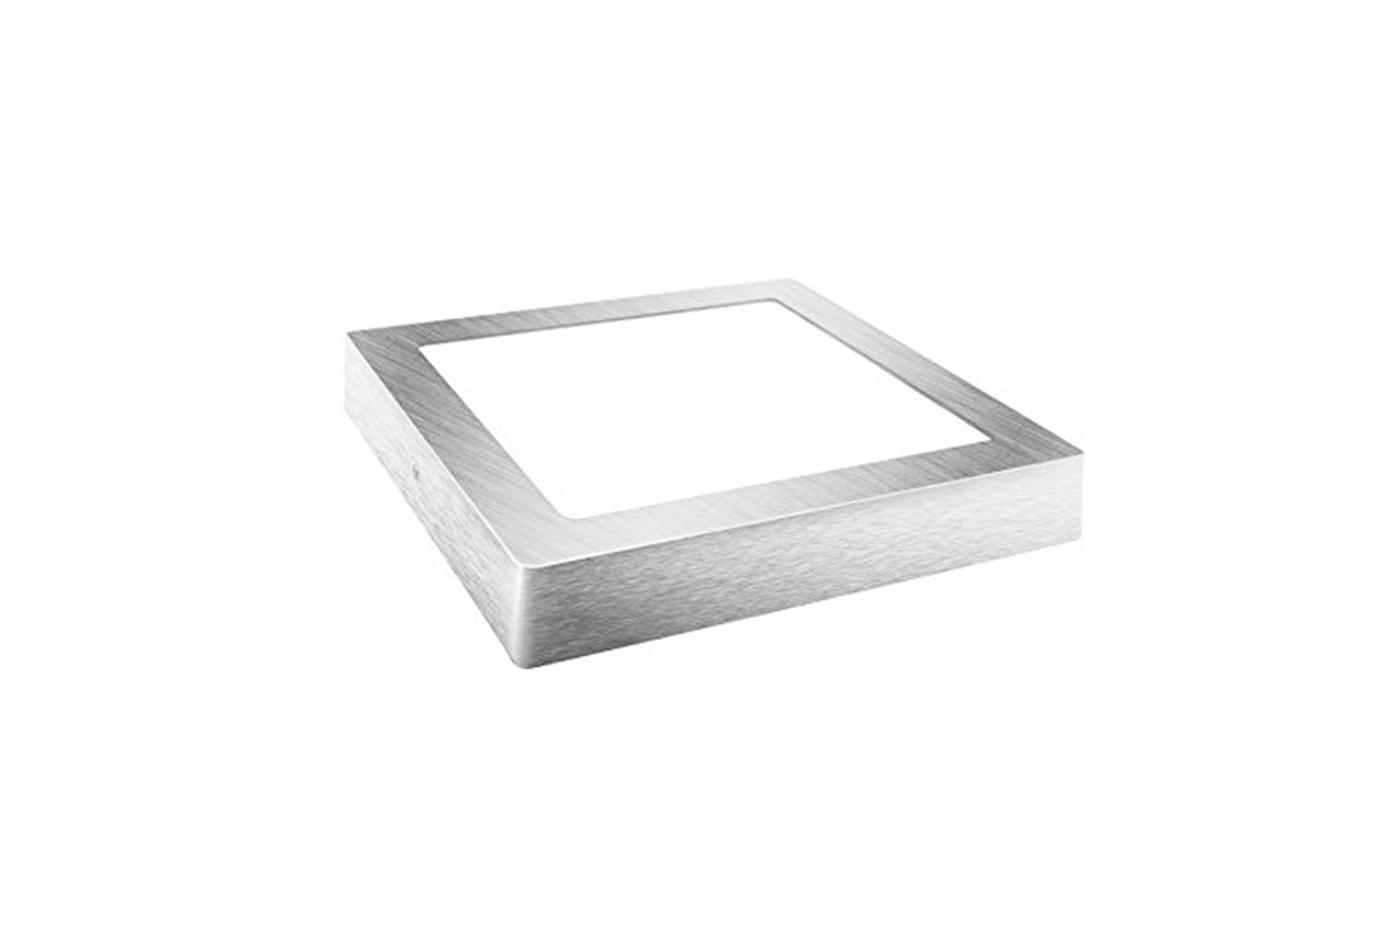 Plafoniera Led Quadrata : Plafoniera soffitto led 26w luce fredda quadrato argento specchiato